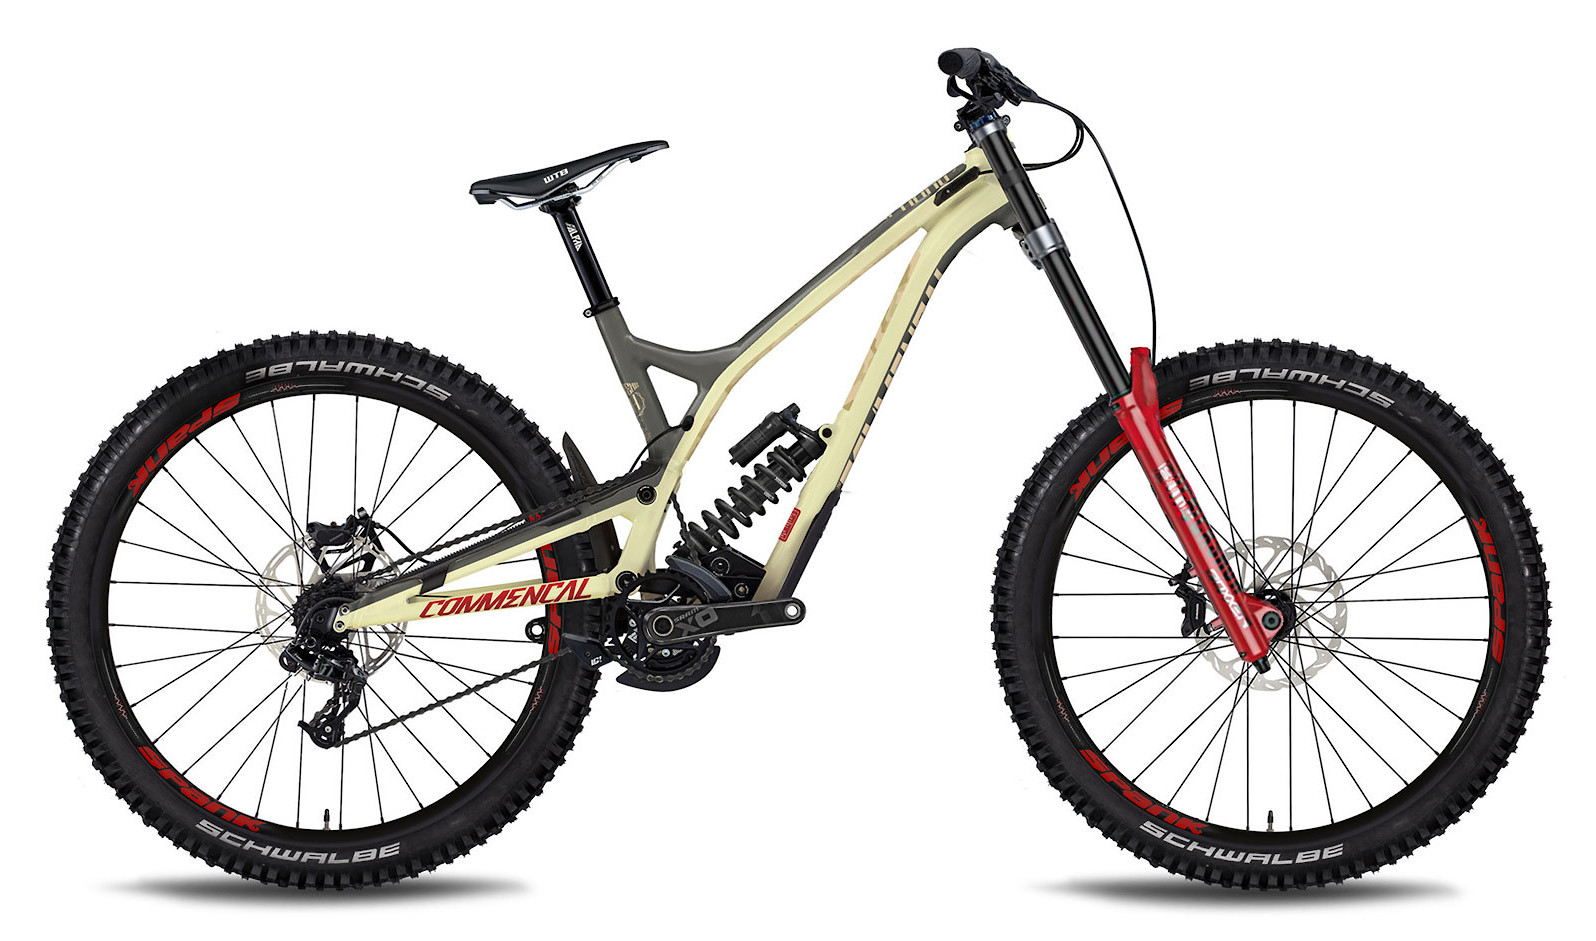 2019 Commencal Supreme DH V4.3 Team Bike